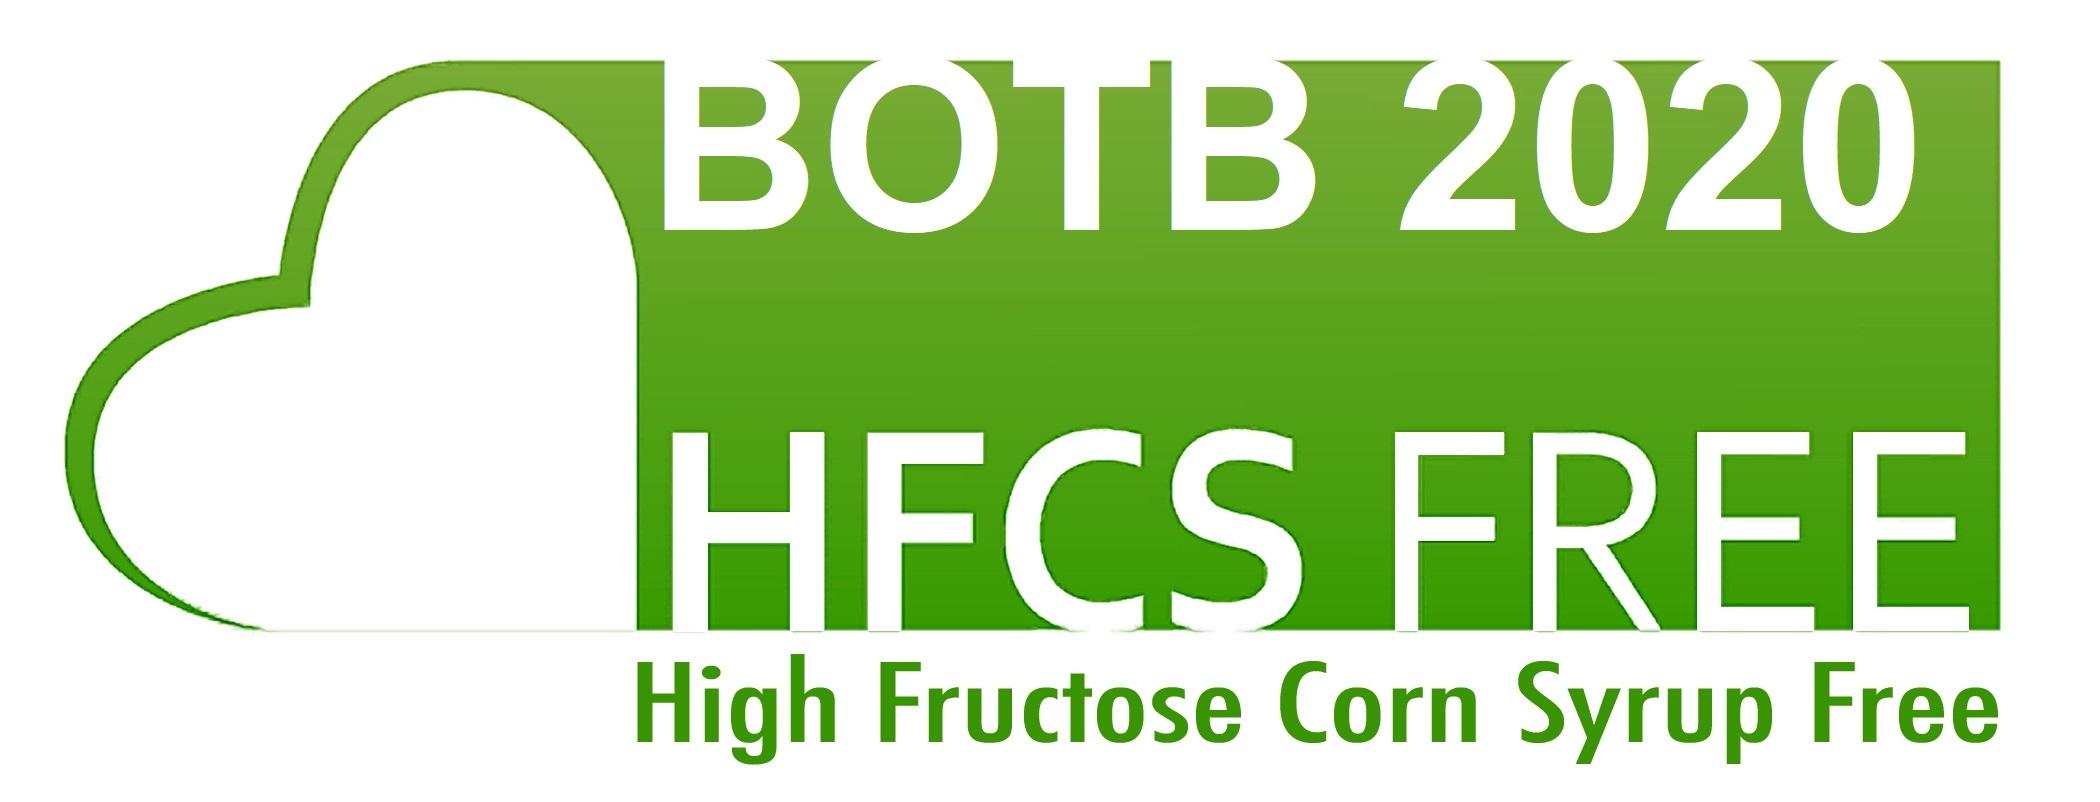 highfructosefree.com